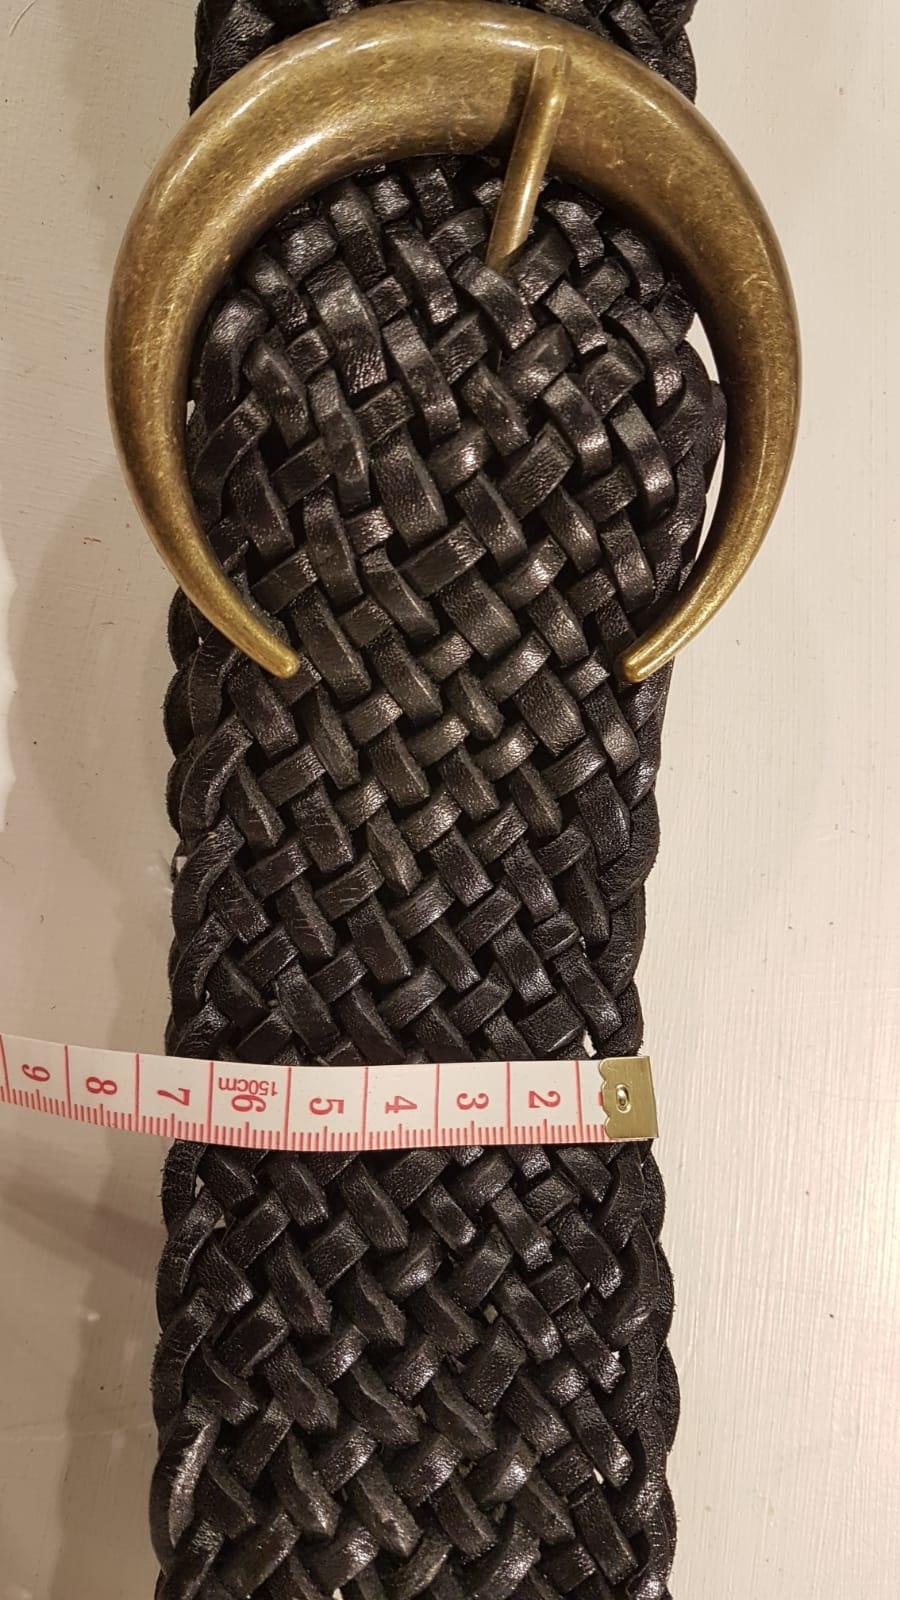 Schwarz geflochtener Ledergürtel mit einem  bronzefarbener Schnalle